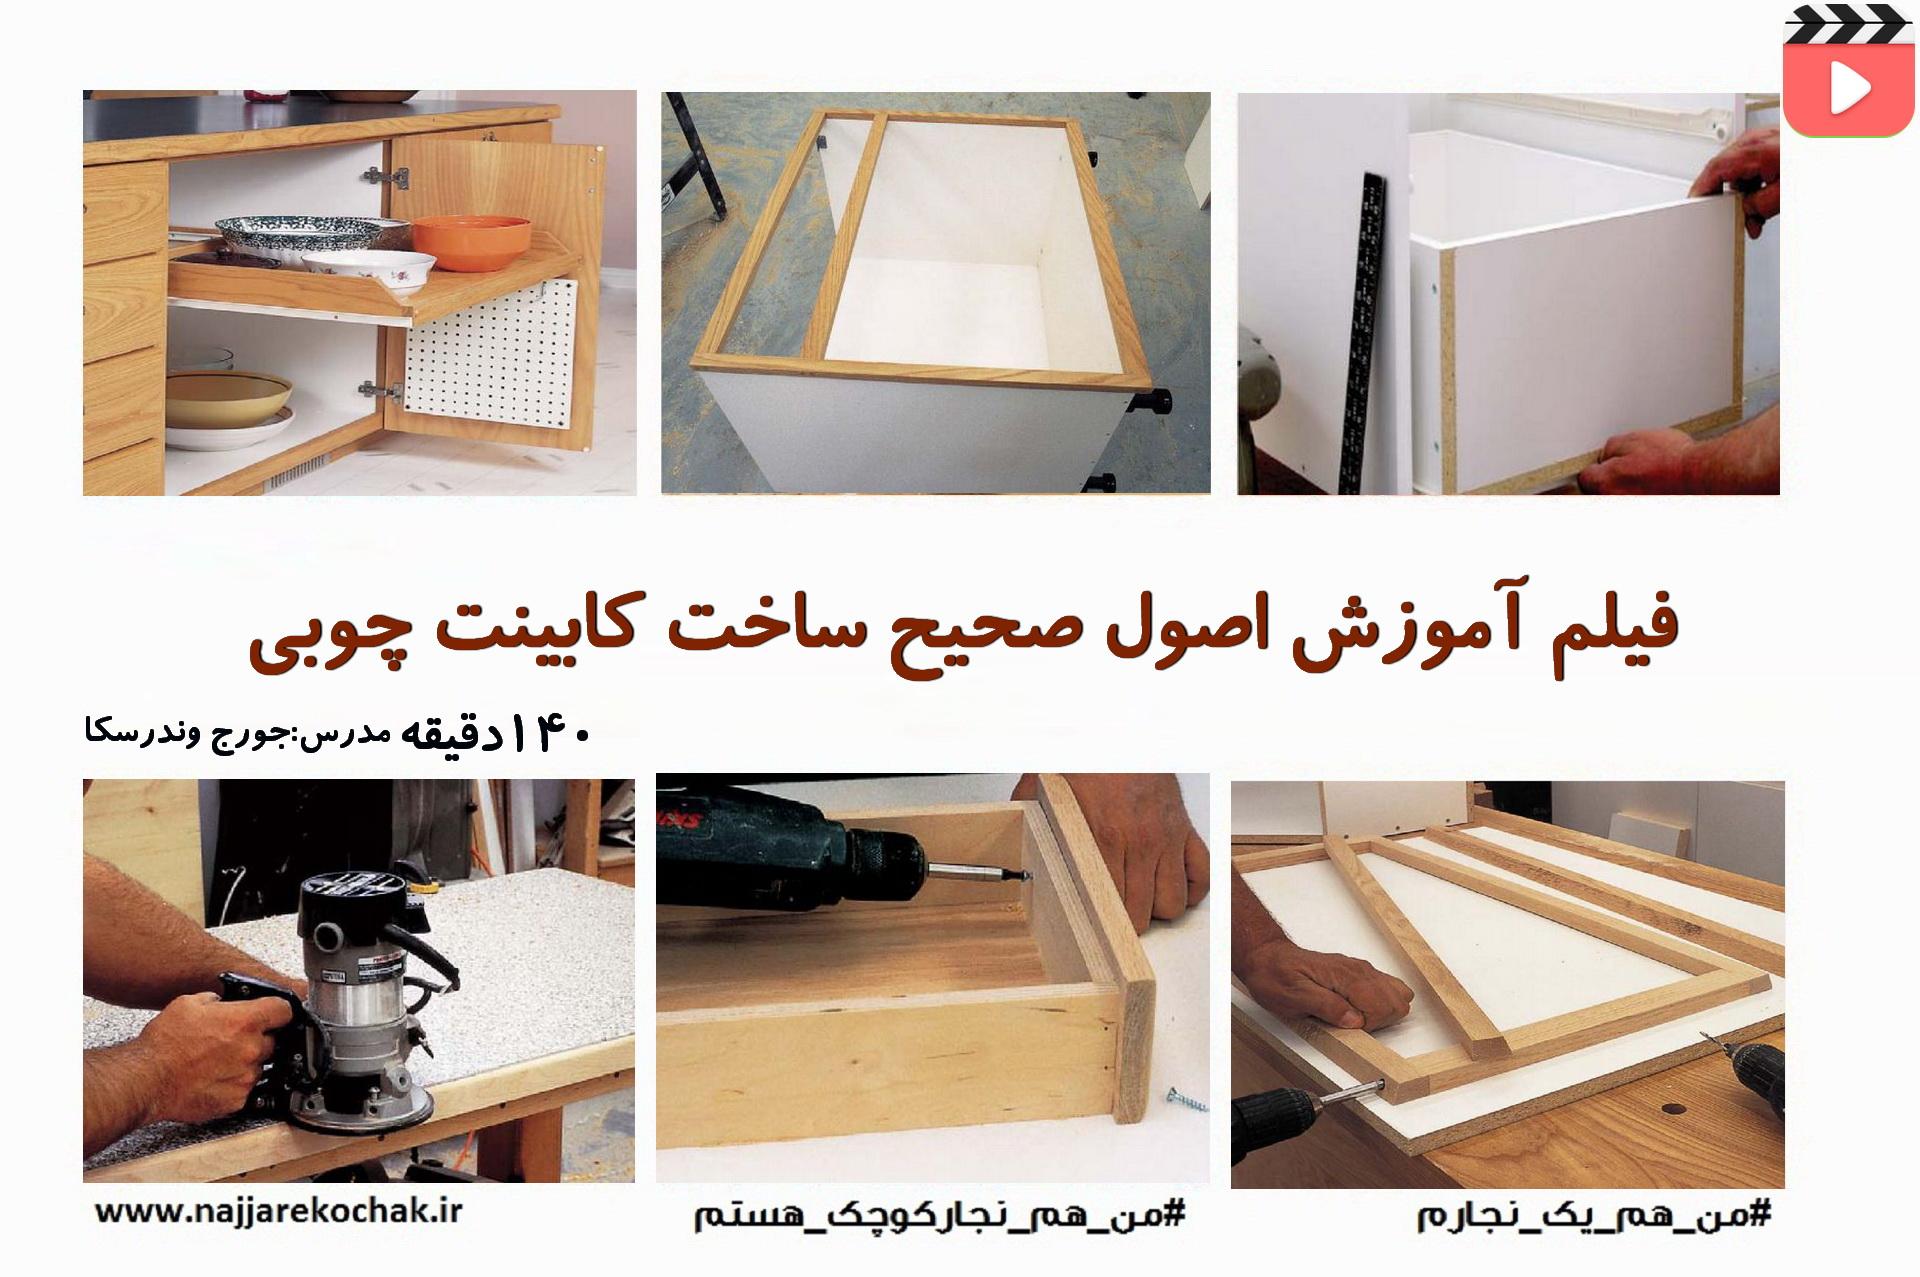 آموزش ساخت کابینت چوبی